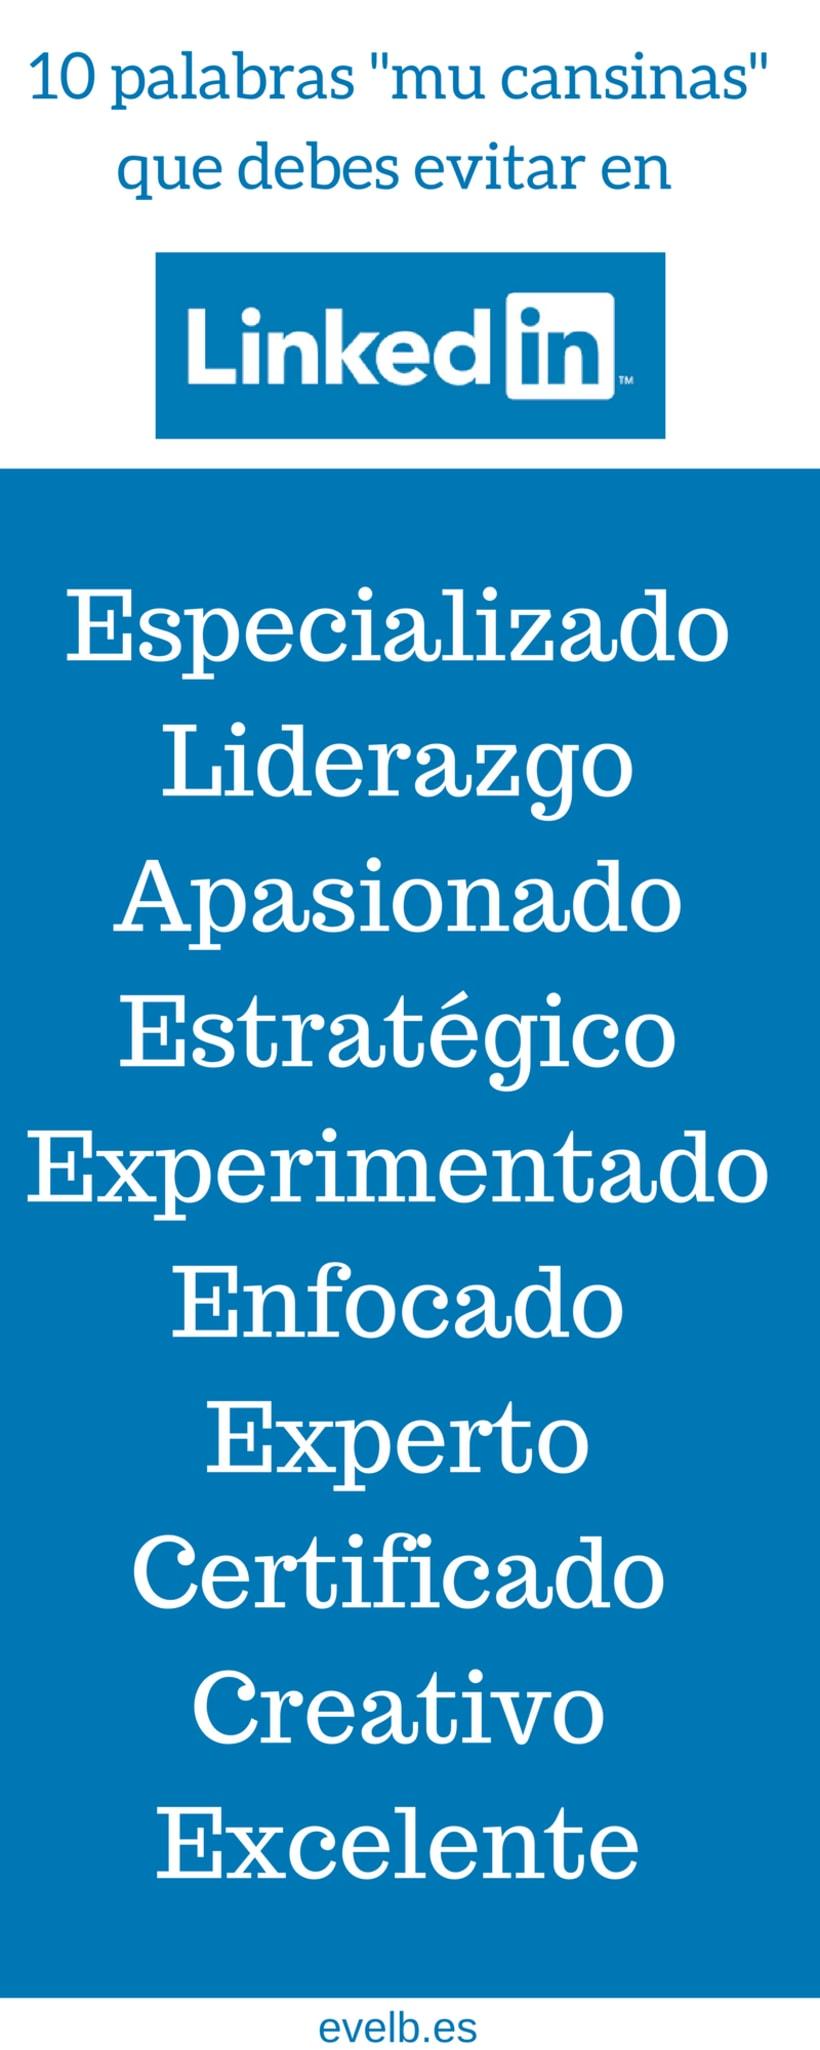 Infografías evelb.es 21